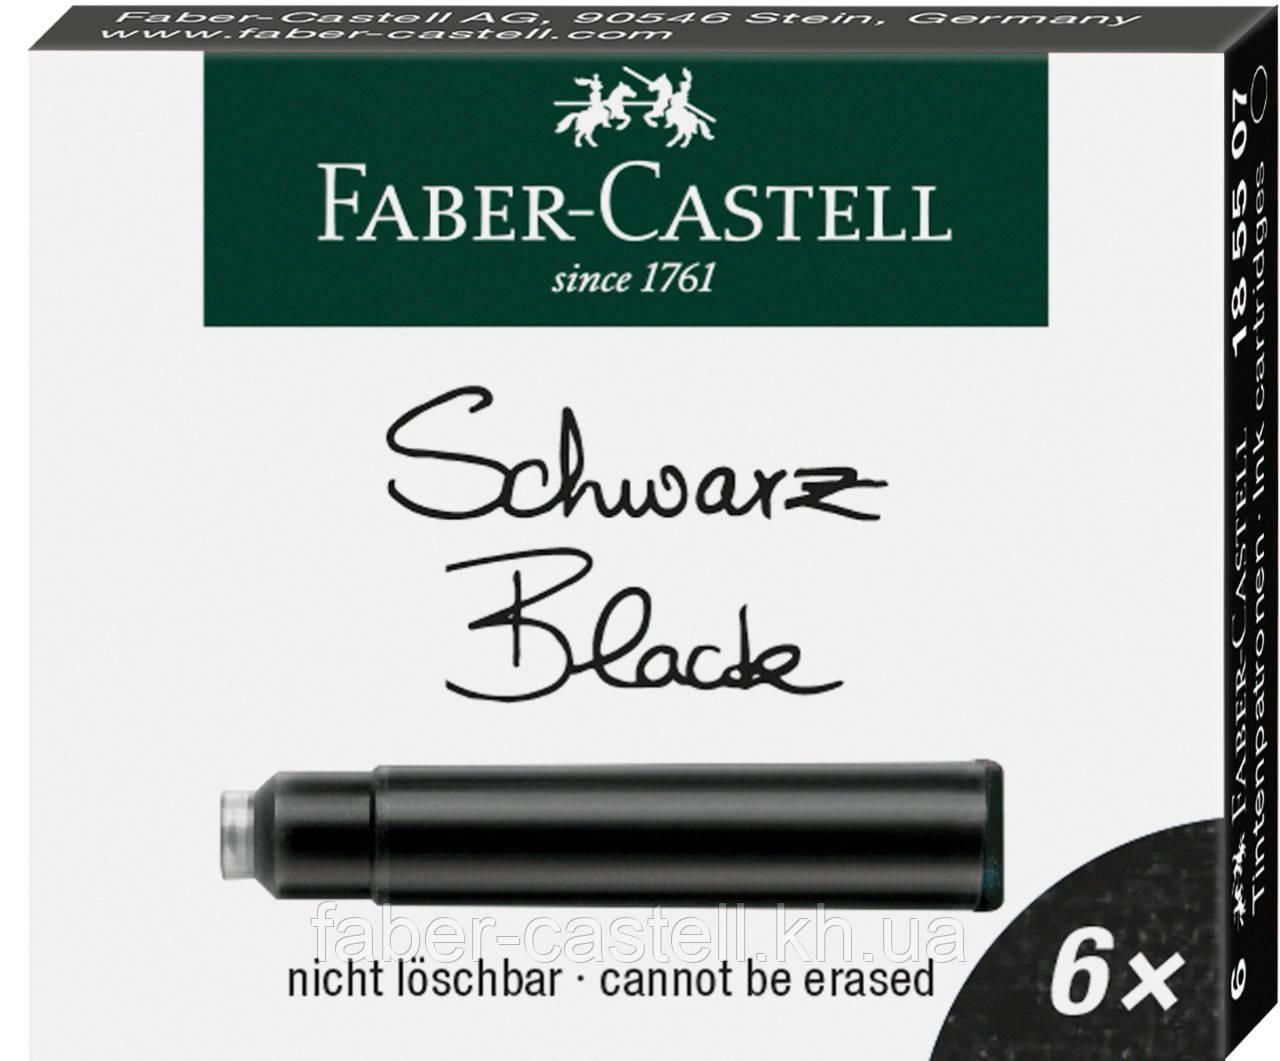 Картриджи Faber-Castell для перьевых ручек стандартные чёрные  6 шт, 185507